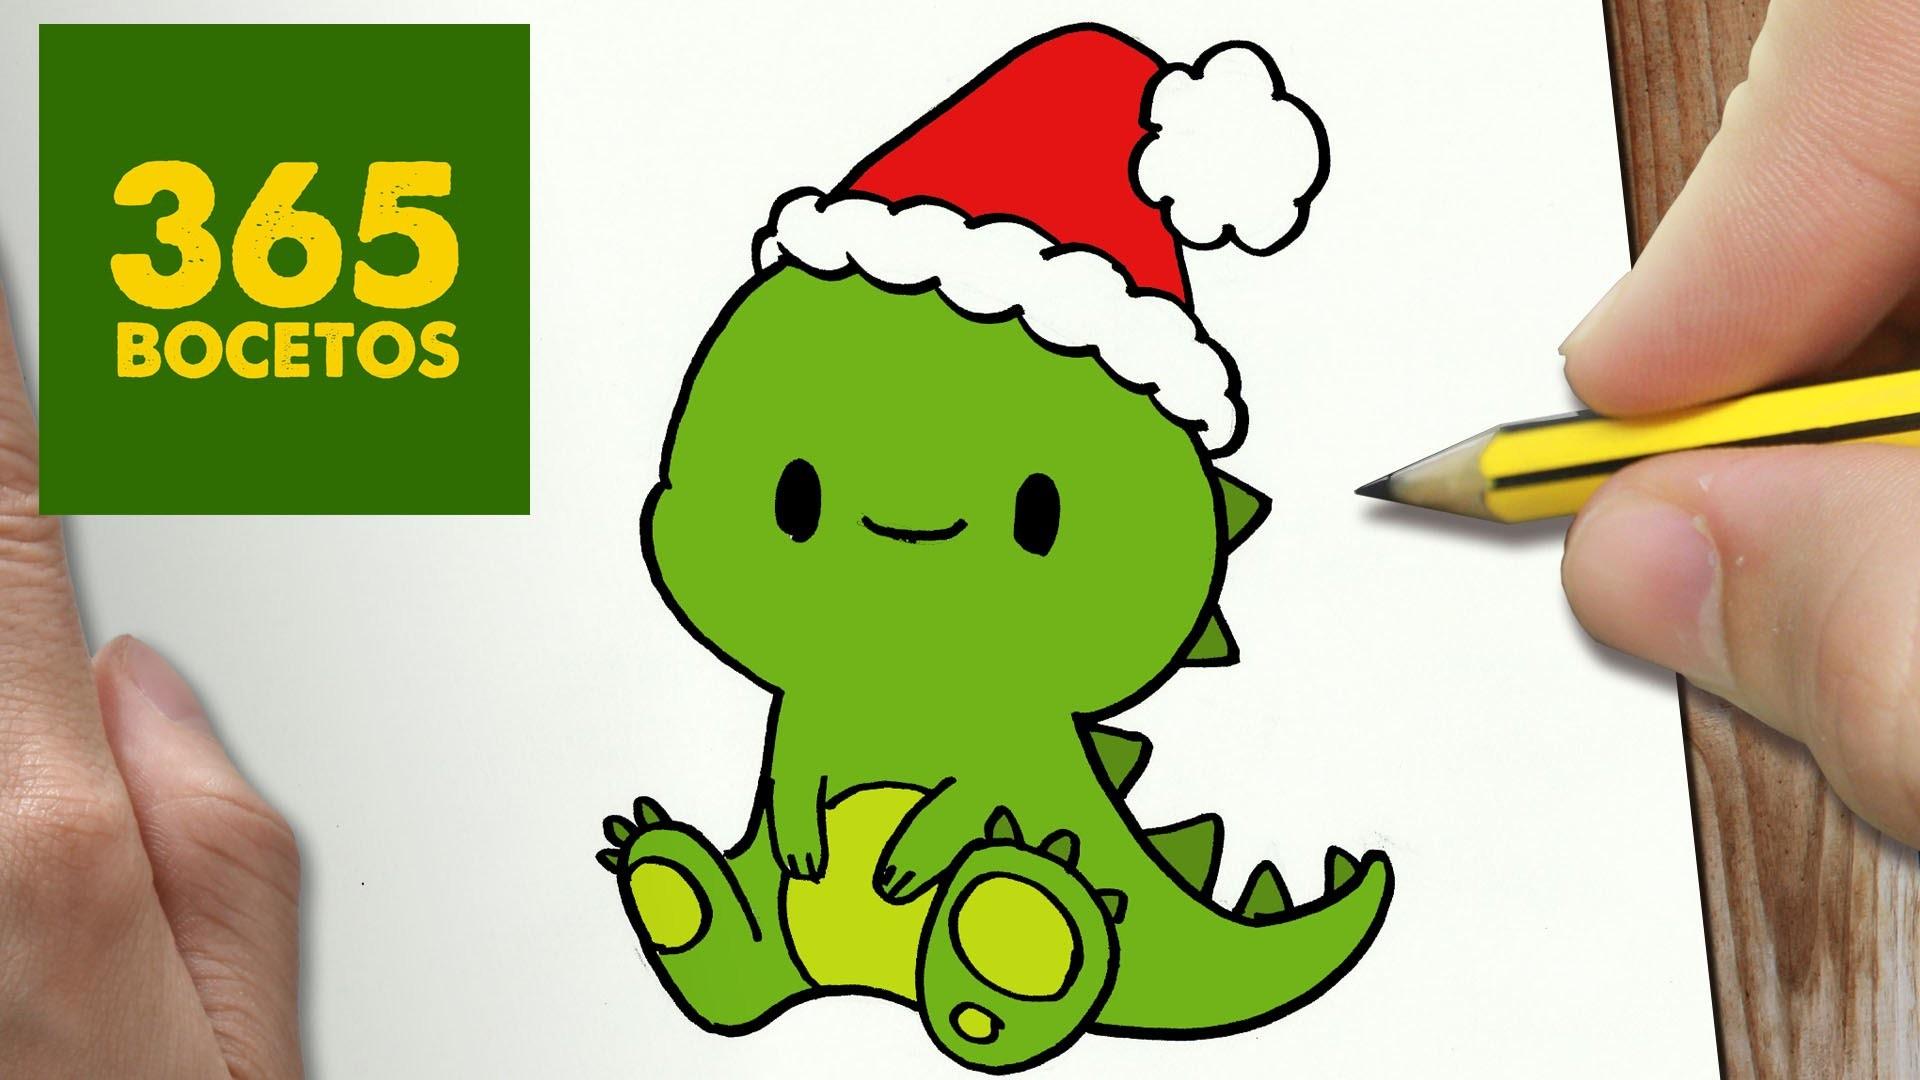 Como Dibujar Un Cuaderno Para Navidad Paso A Paso Dibujos: COMO DIBUJAR UN DINOSAURIO PARA NAVIDAD PASO A PASO